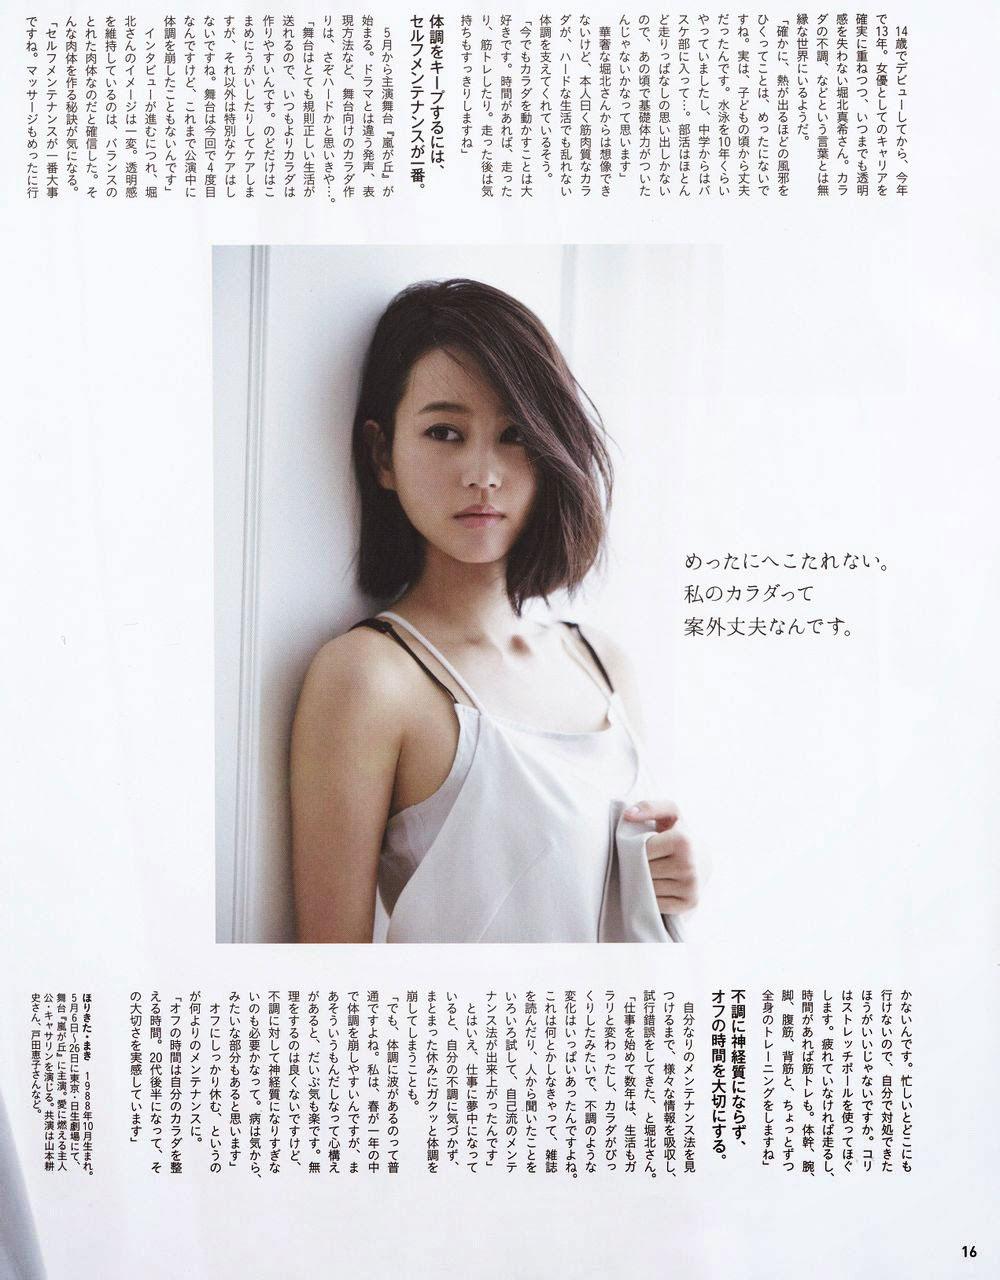 Maki Horikita Japanese Anan Magazine